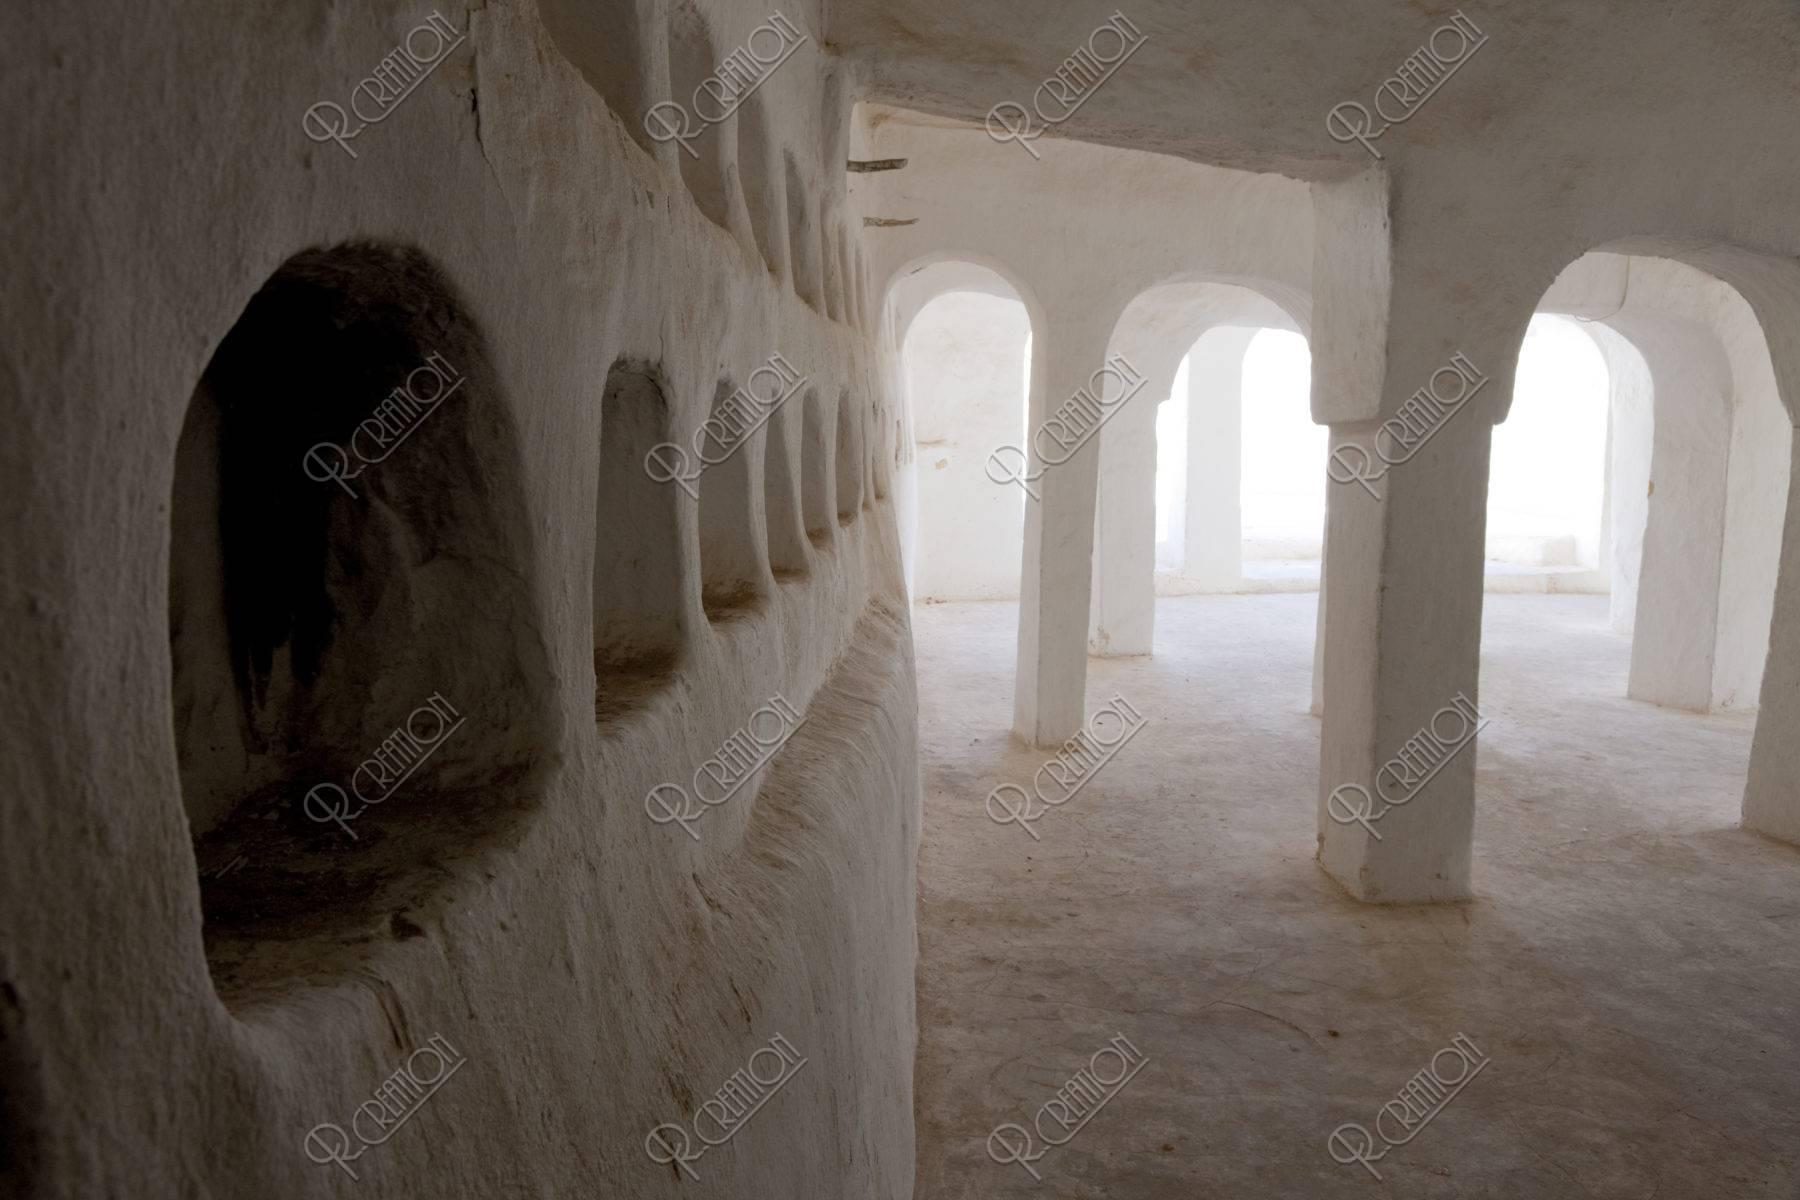 エルアーティフ シディブラヒムモスク 世界遺産